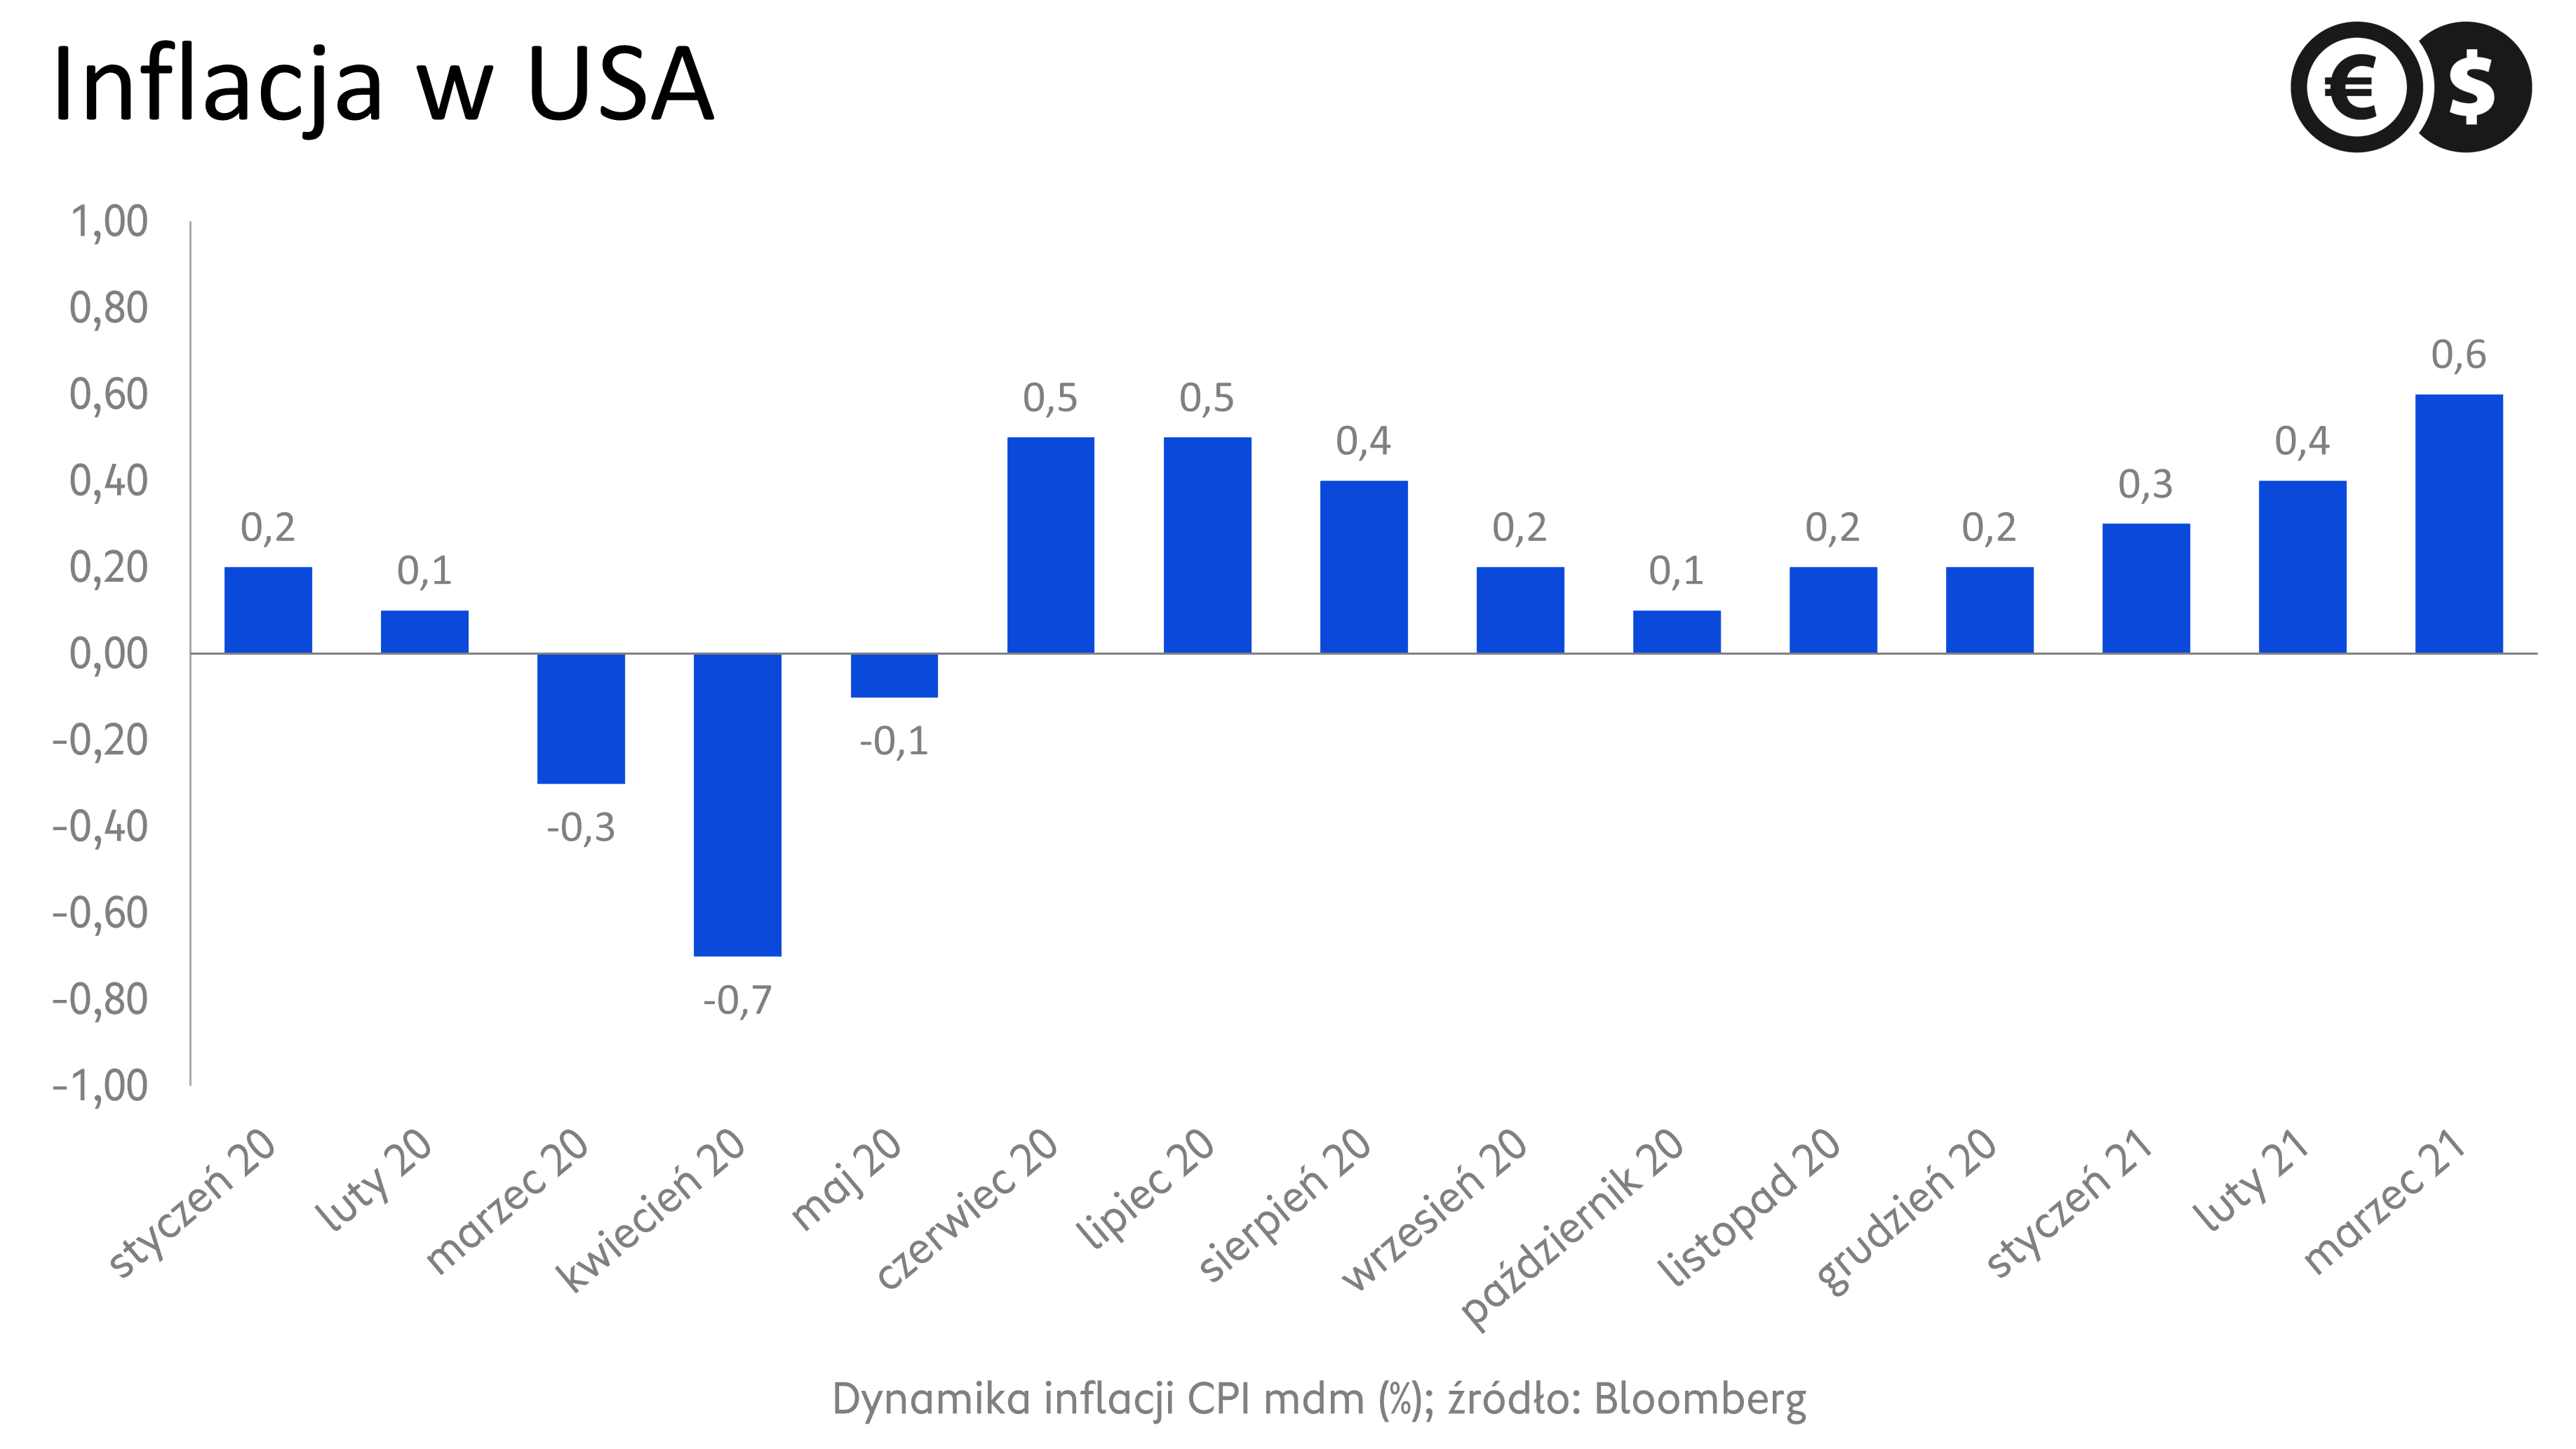 Inflacja w USA, dynamika cen konsumenckich miesiąc do miesiąca; źródło: Bloomberg